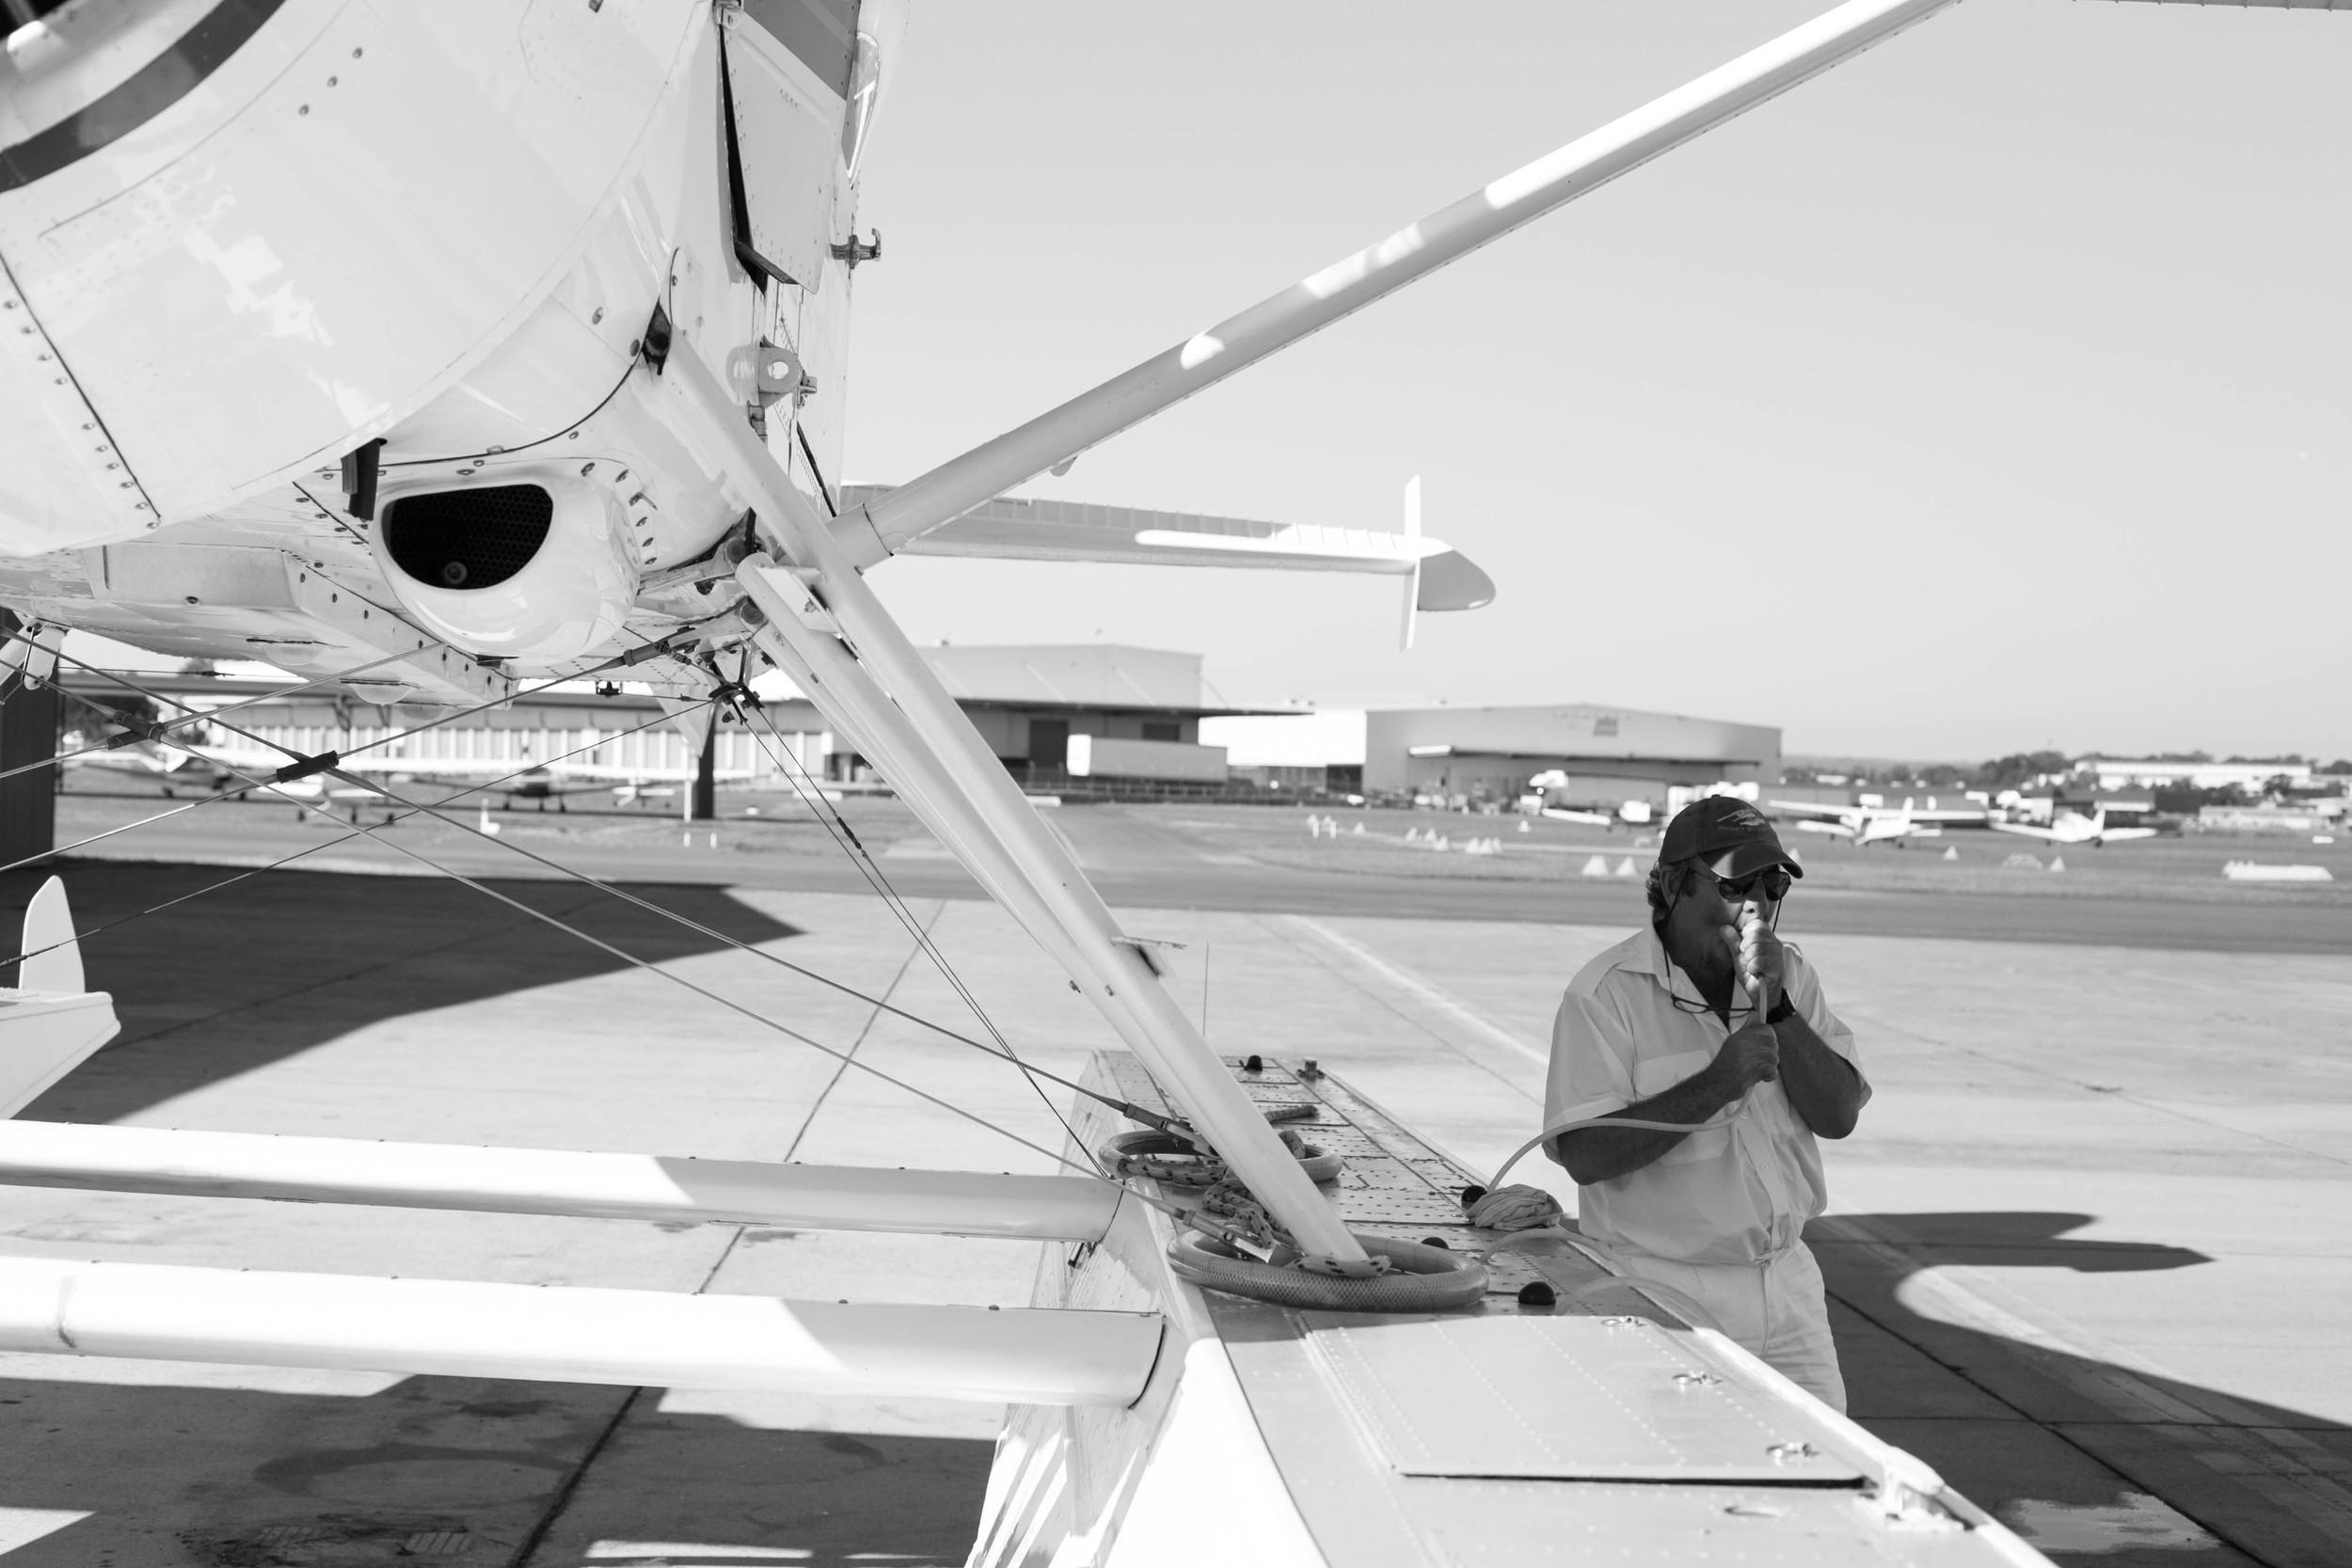 in_venus_Veritas_pilots_BANKSTOWN_AIRPORT-35.jpg